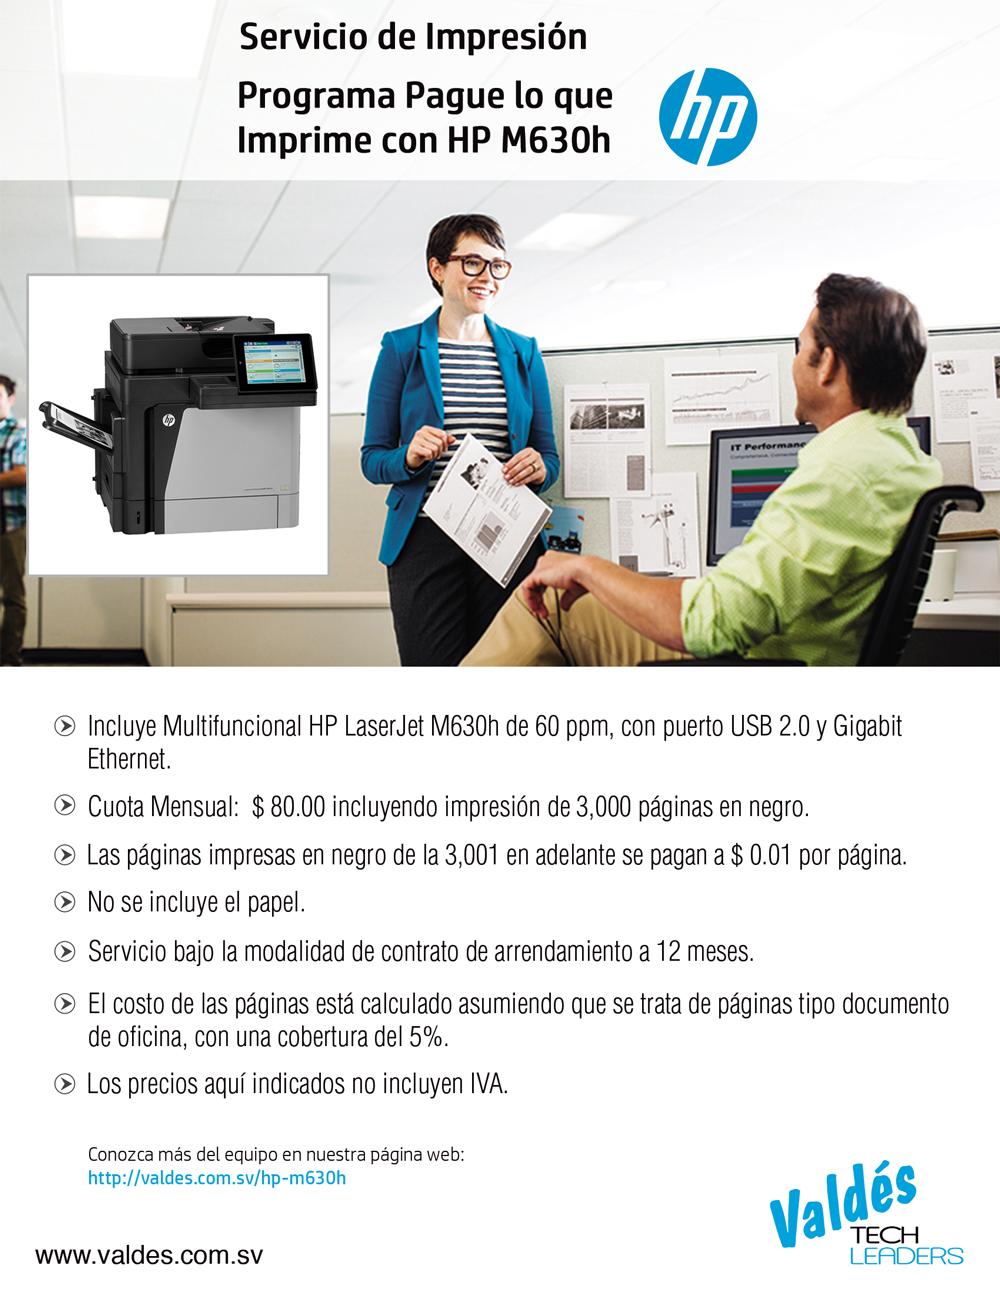 hp-m630h-pague-lo-que-imprime-2016